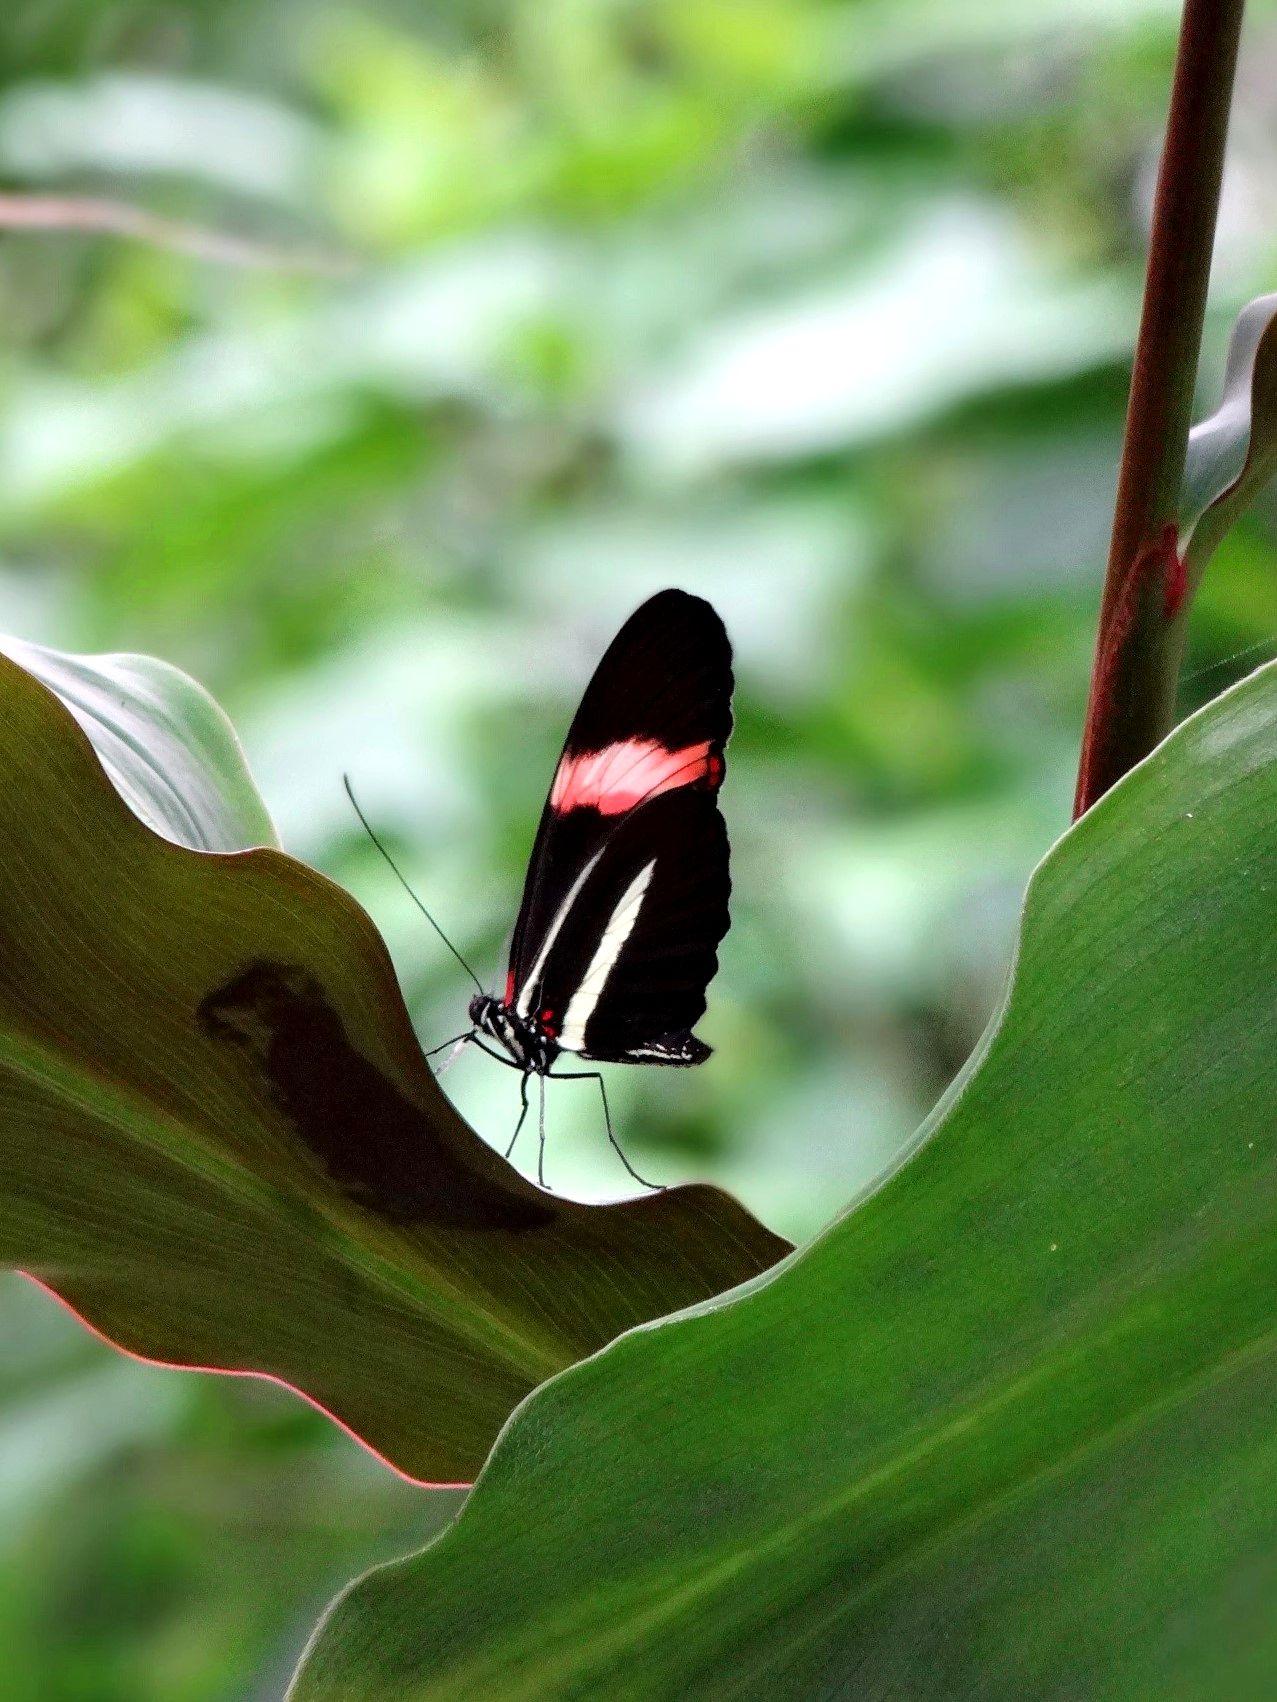 Doris Longwing - The Butterfly Garden, Vannes, France © gt